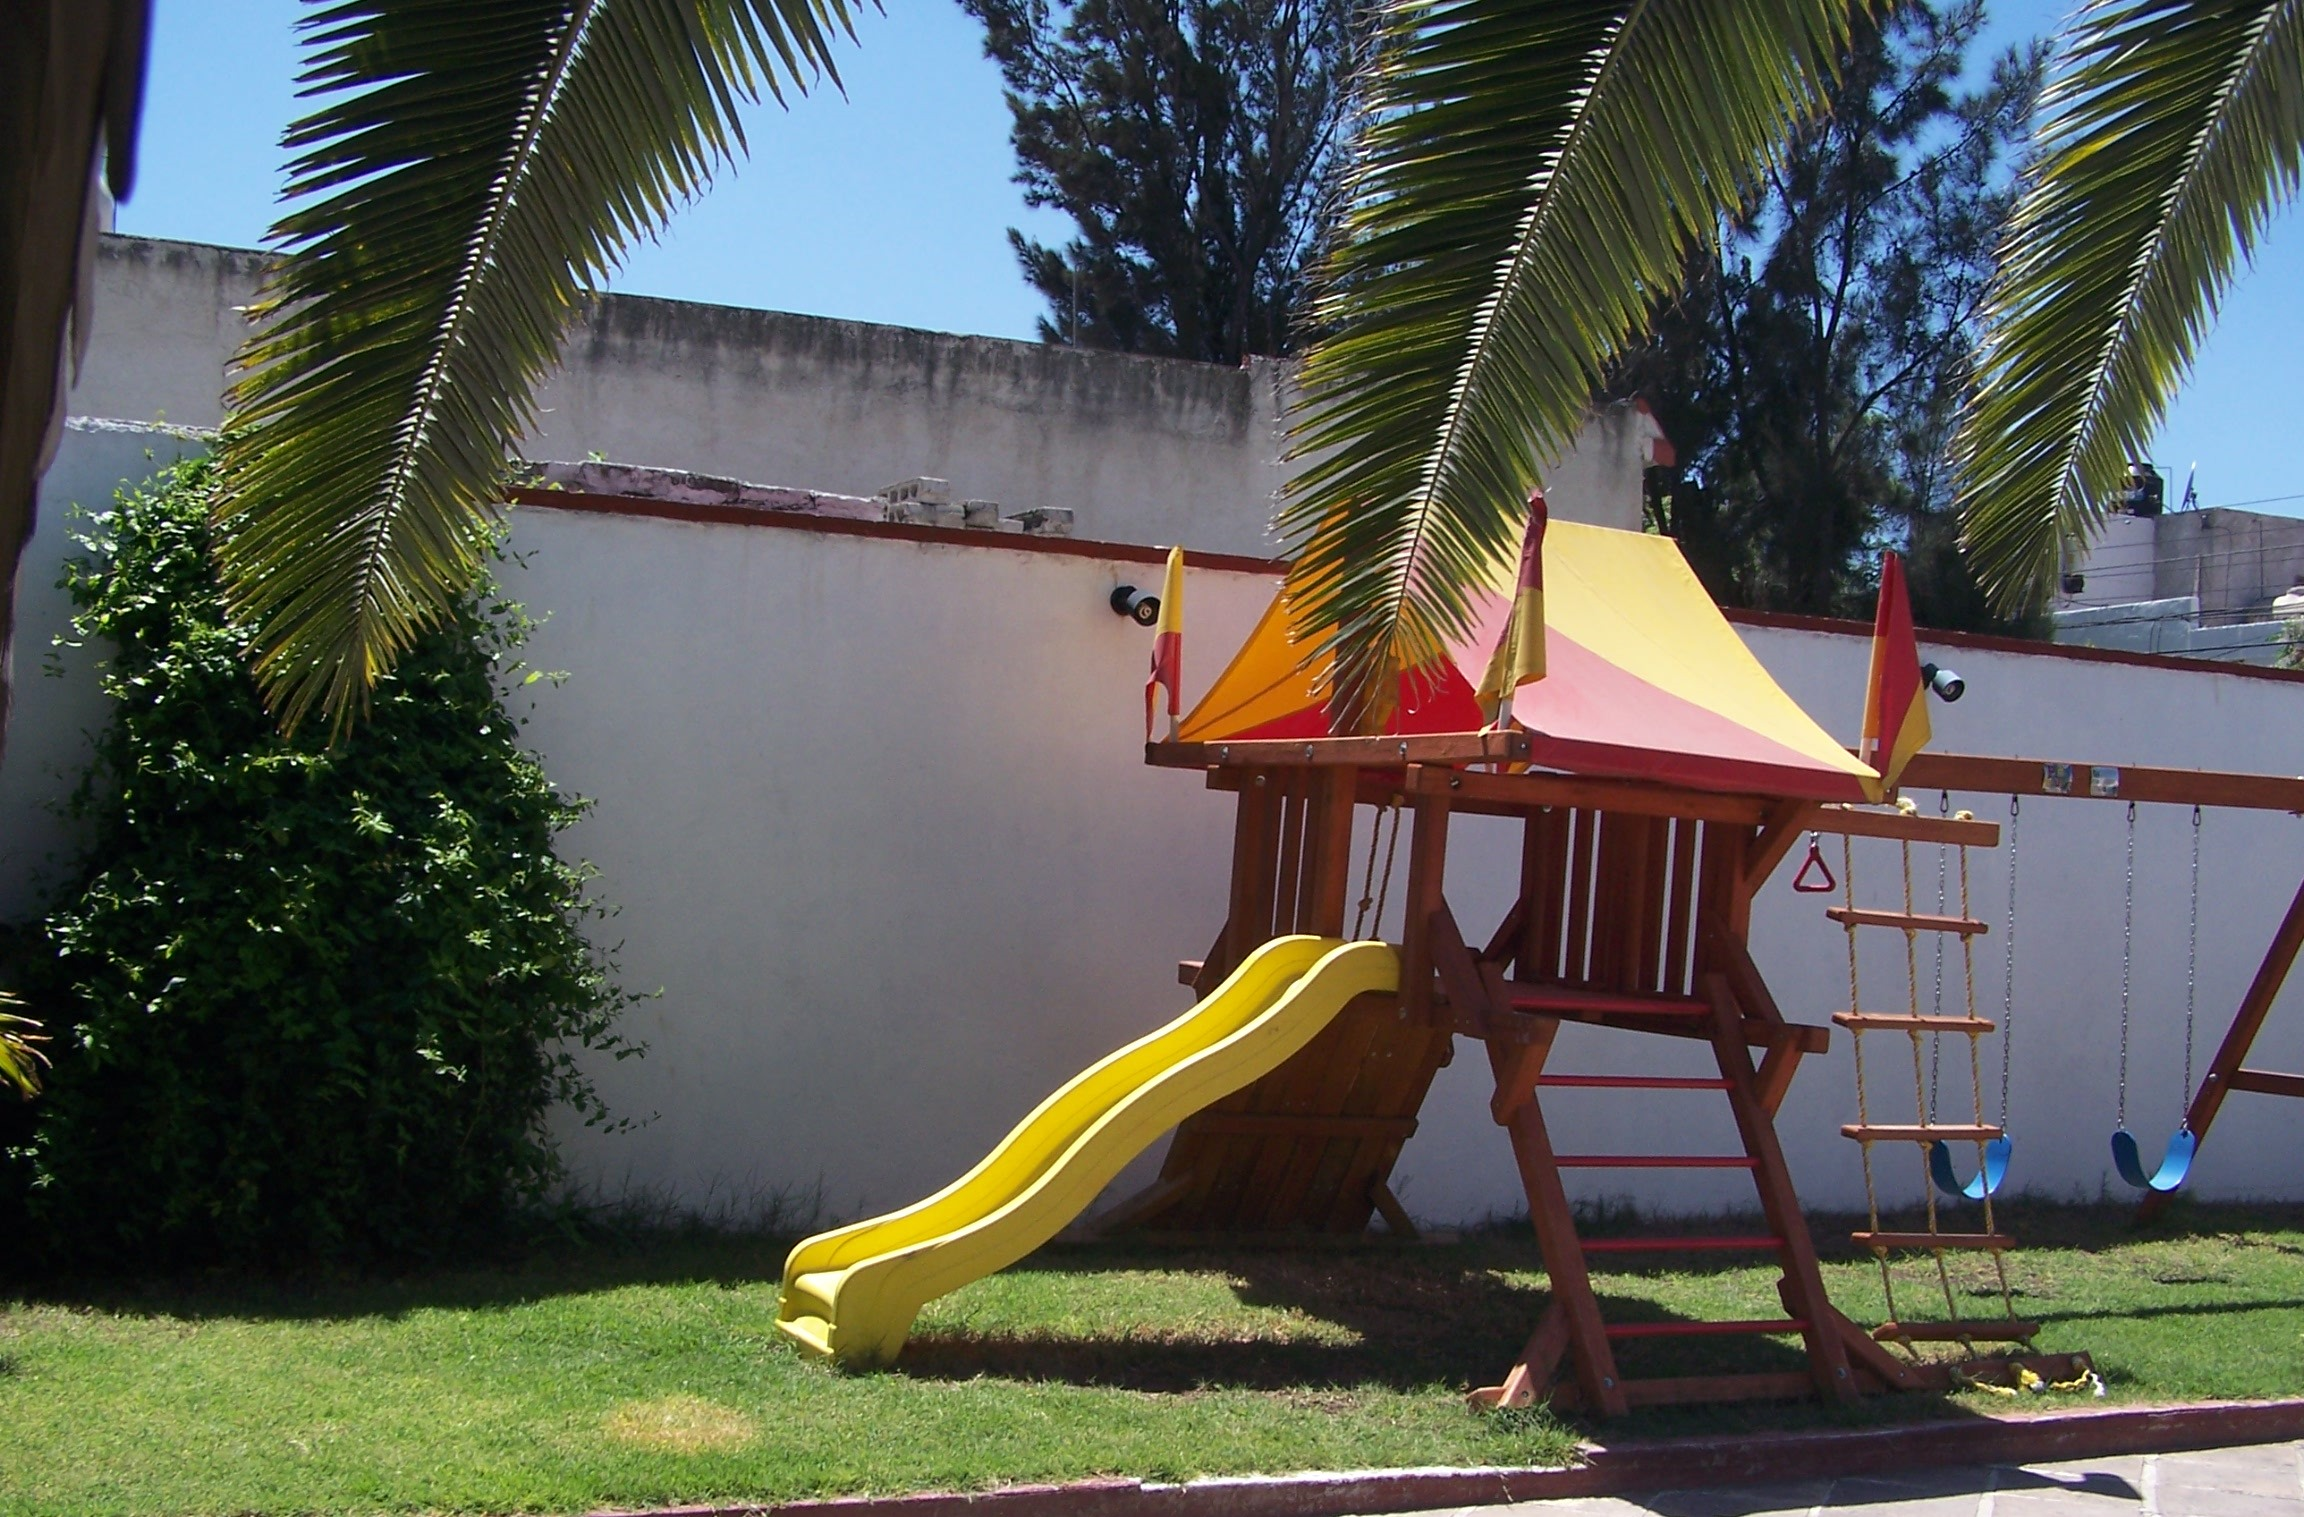 Casas infantiles de jardin beautiful casitas infantiles for Casa jardin infantil